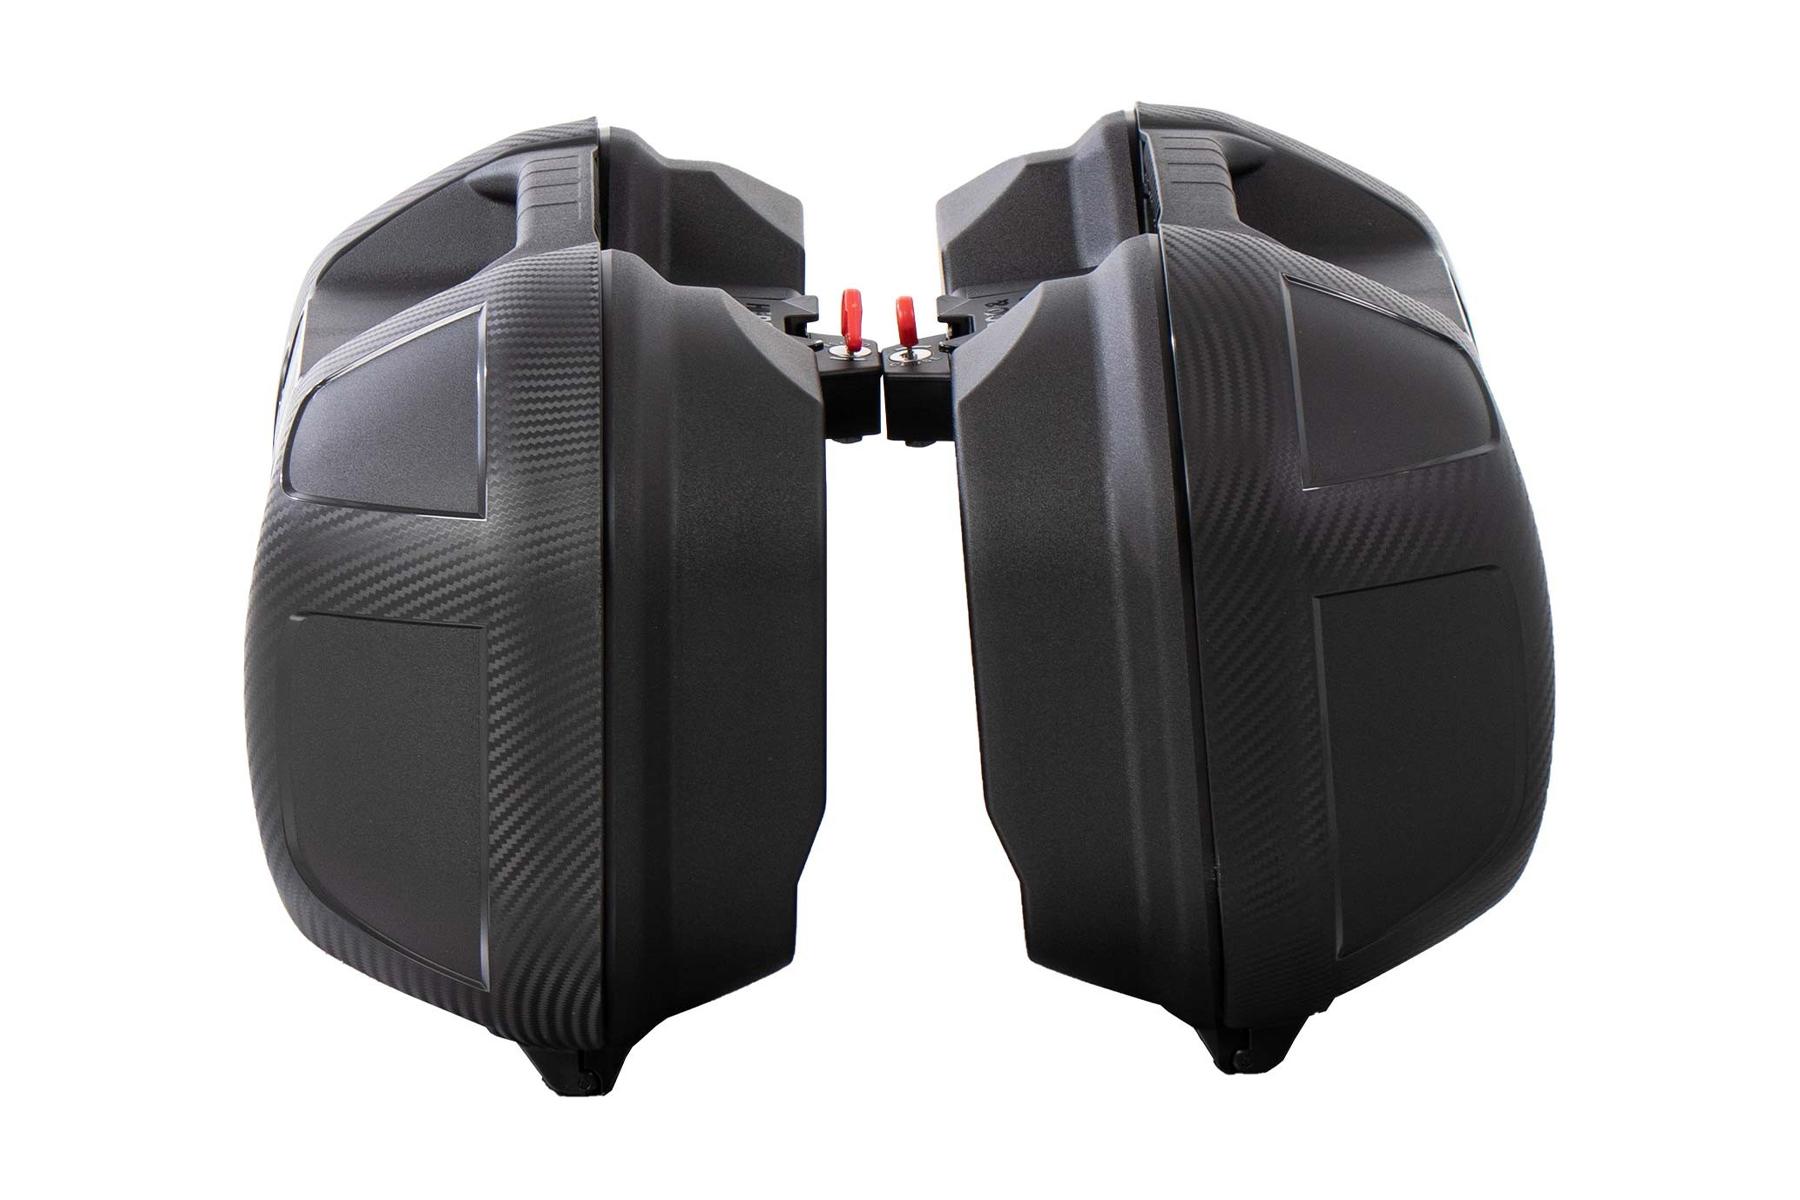 ヘプコアンドベッカー サイドケース ORBIT C-Bowキャリア用